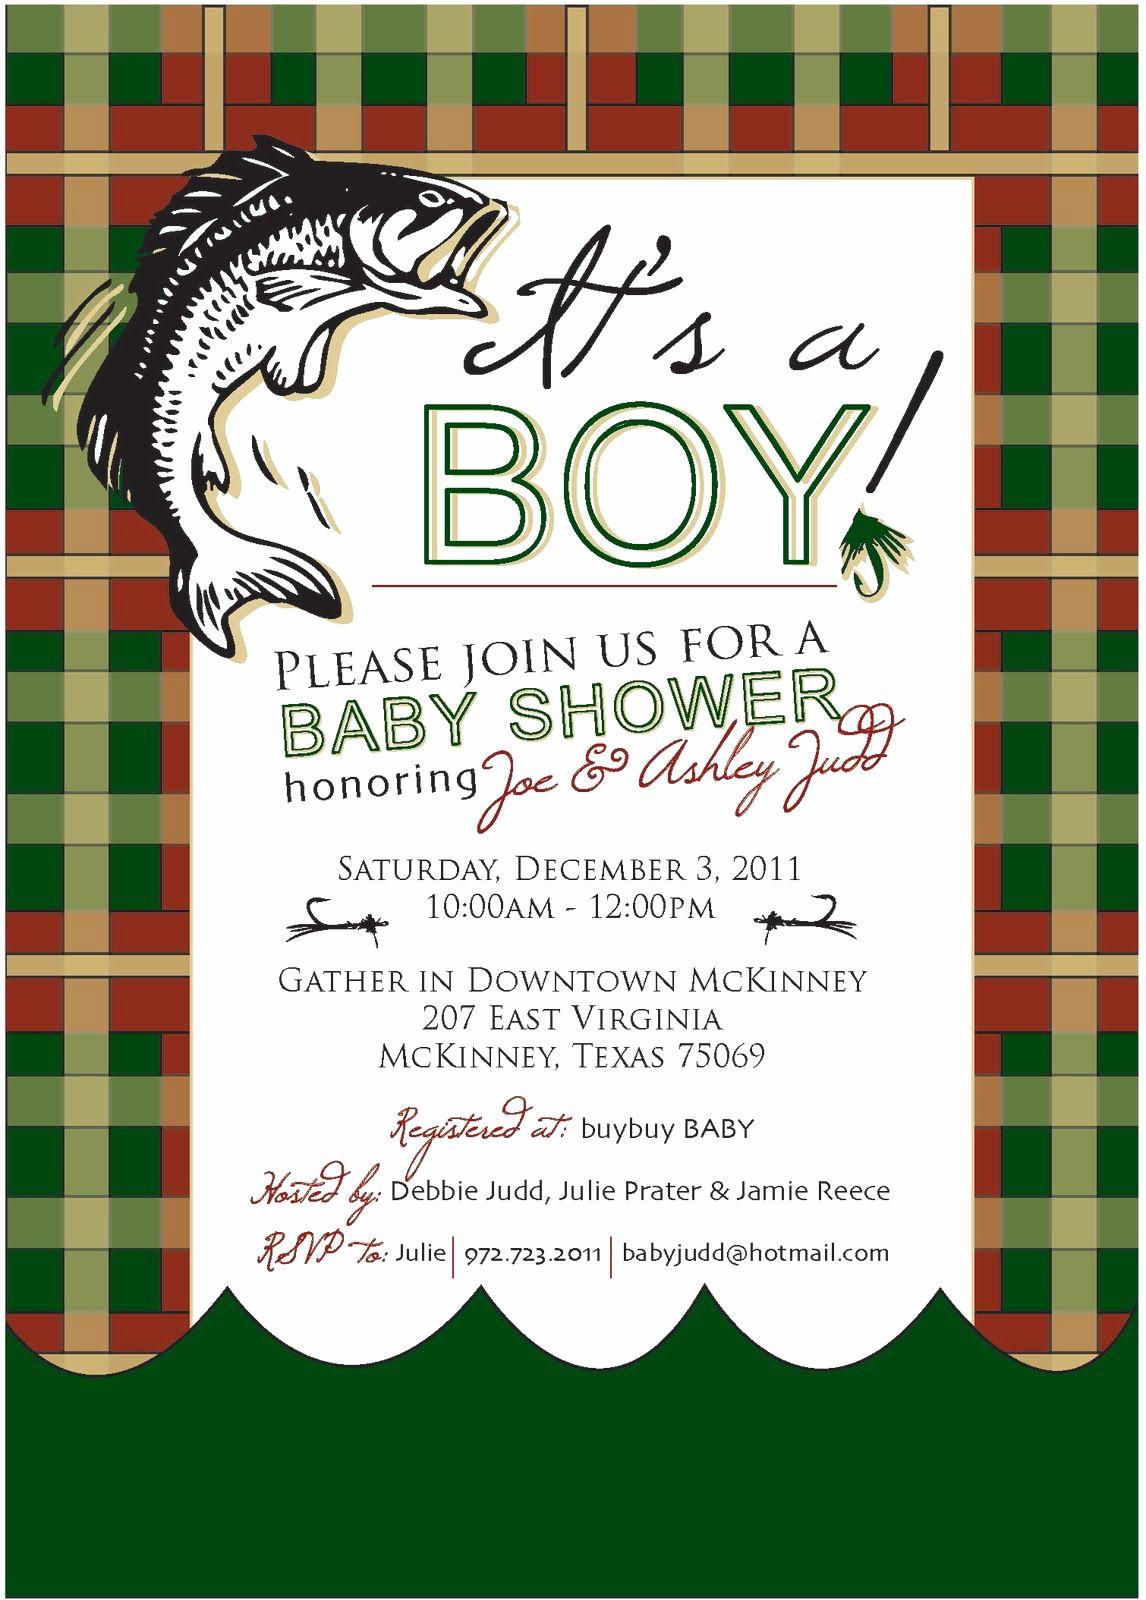 Baby Boy Shower Invitation Ideas Luxury Best Baby Shower Invitation Ever Fun Party Ideas